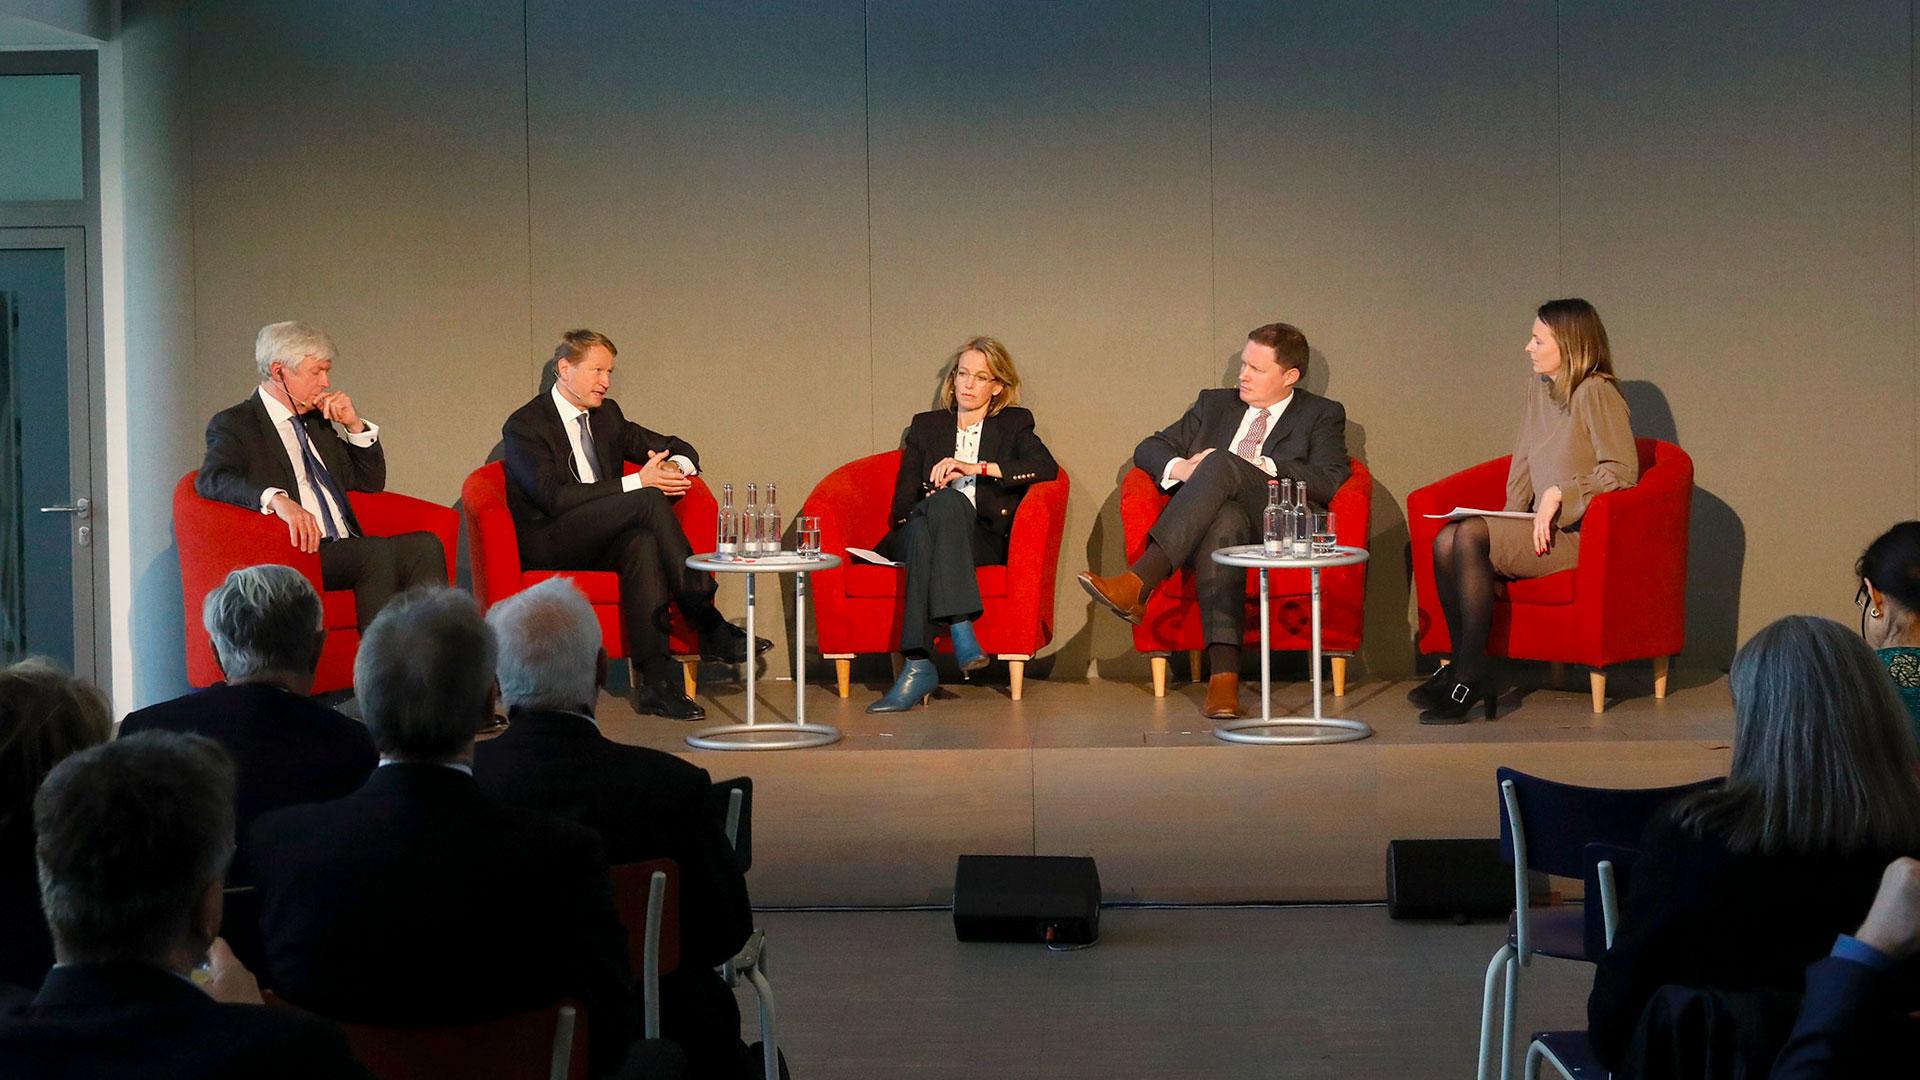 """Veranstaltung """"MITTENDRIN – 70 Jahre öffentlich-rechtlicher Rundfunk"""", 15.04.2019 in Hamburg, Podium.   Bildquelle: NDR/Morris Mac Matzen"""